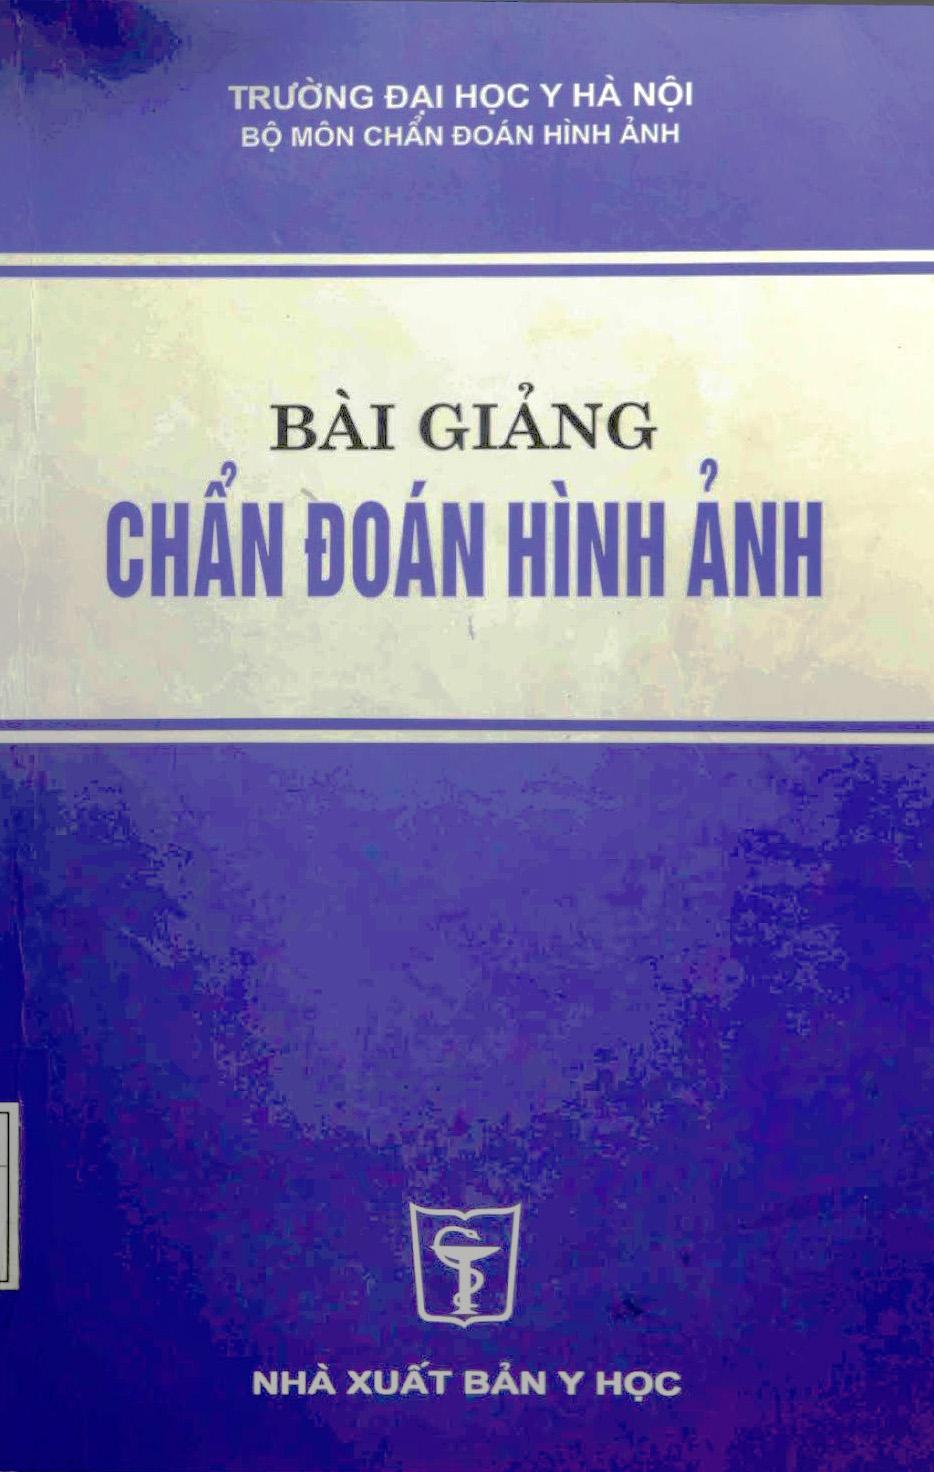 [PDF] Bài giảng chẩn đoán hình ảnh 2005 – Đại học Y Hà Nội